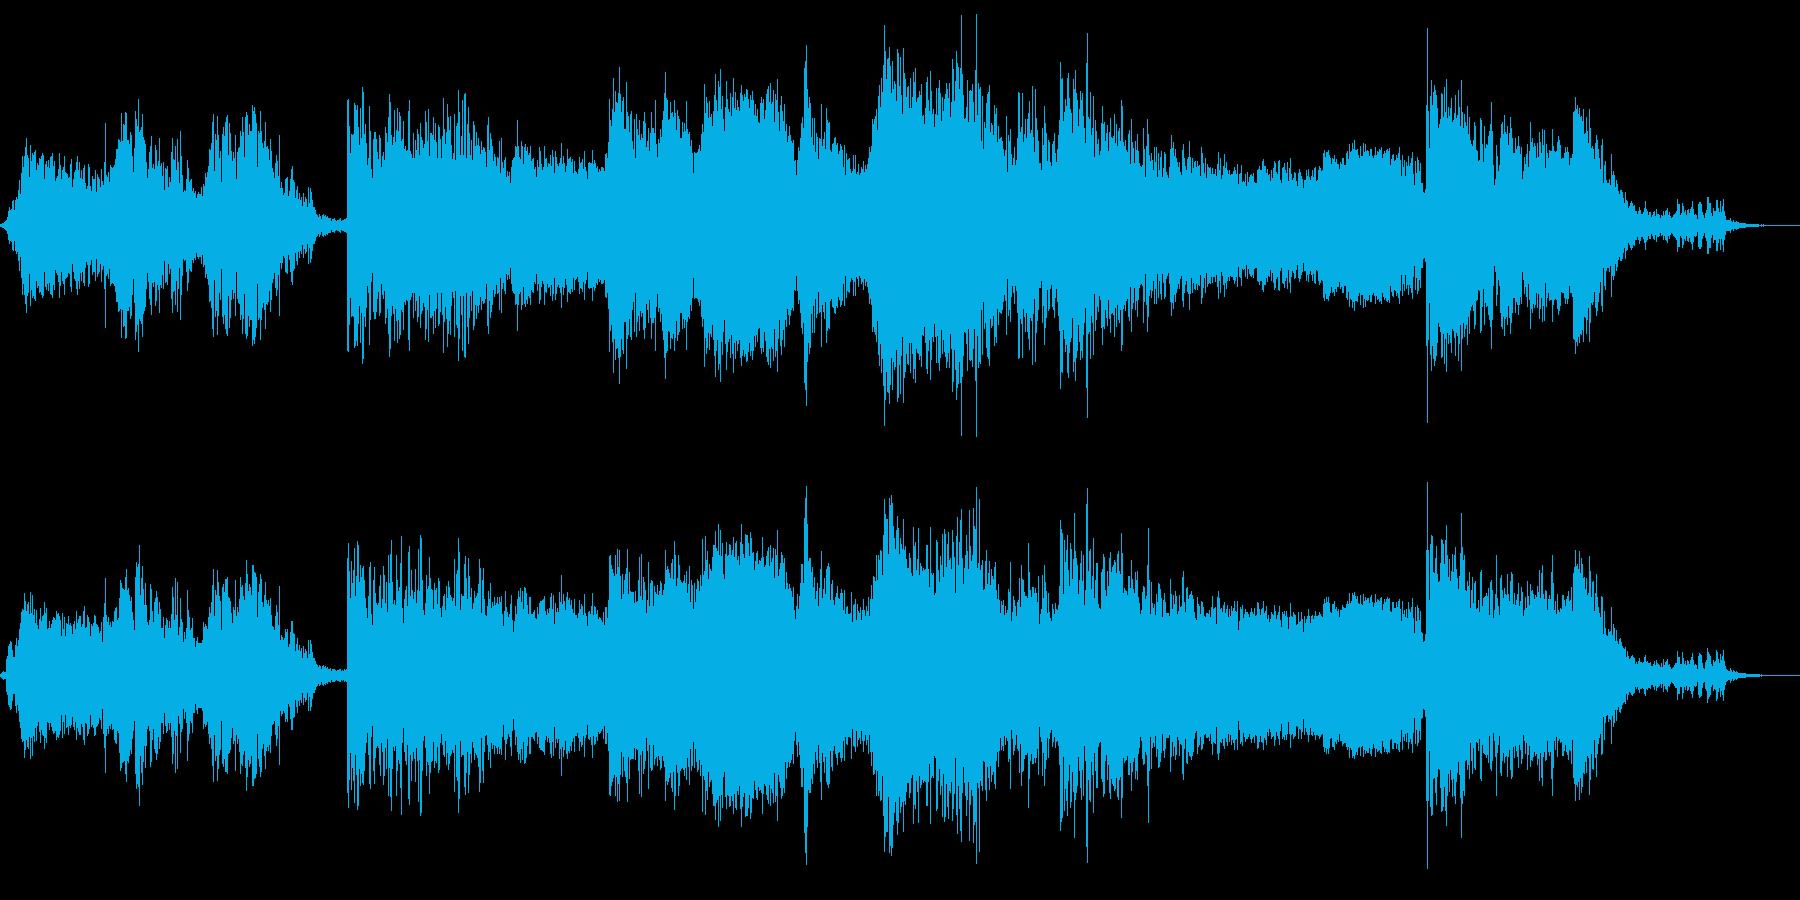 クラッシャゲドンの再生済みの波形